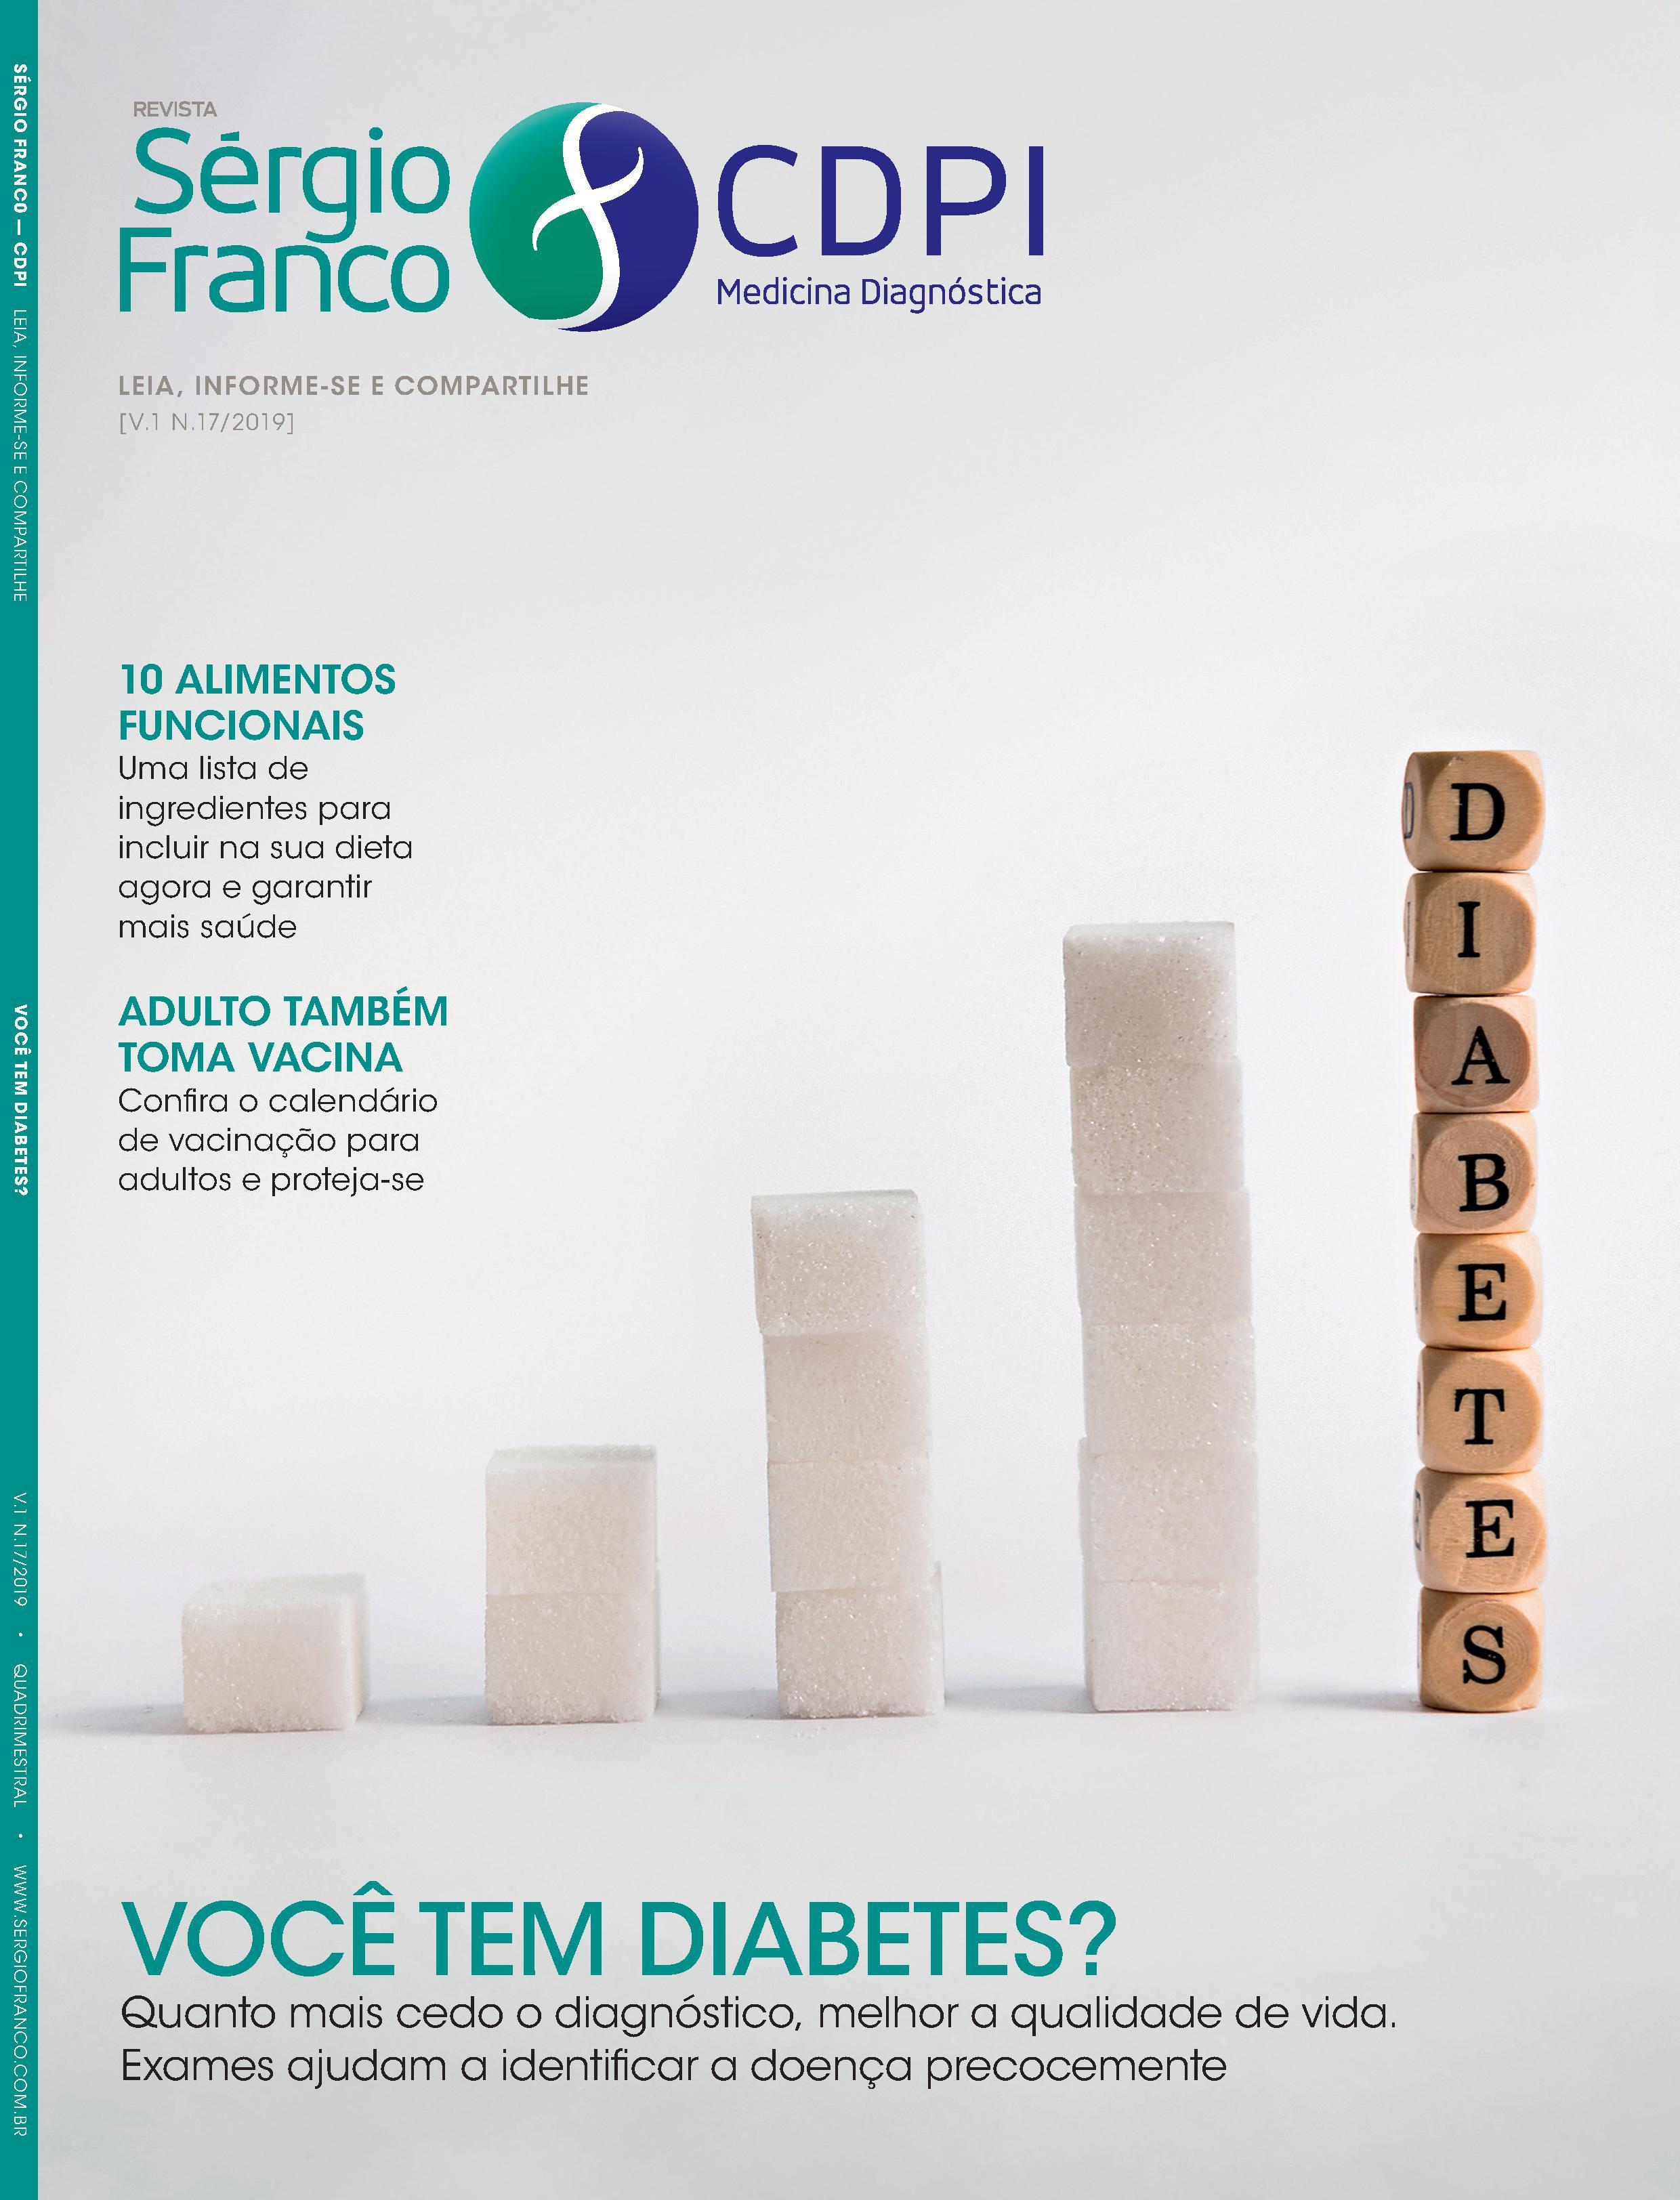 Revista do Paciente Sérgio Franco & CDPI - 17ª Edição